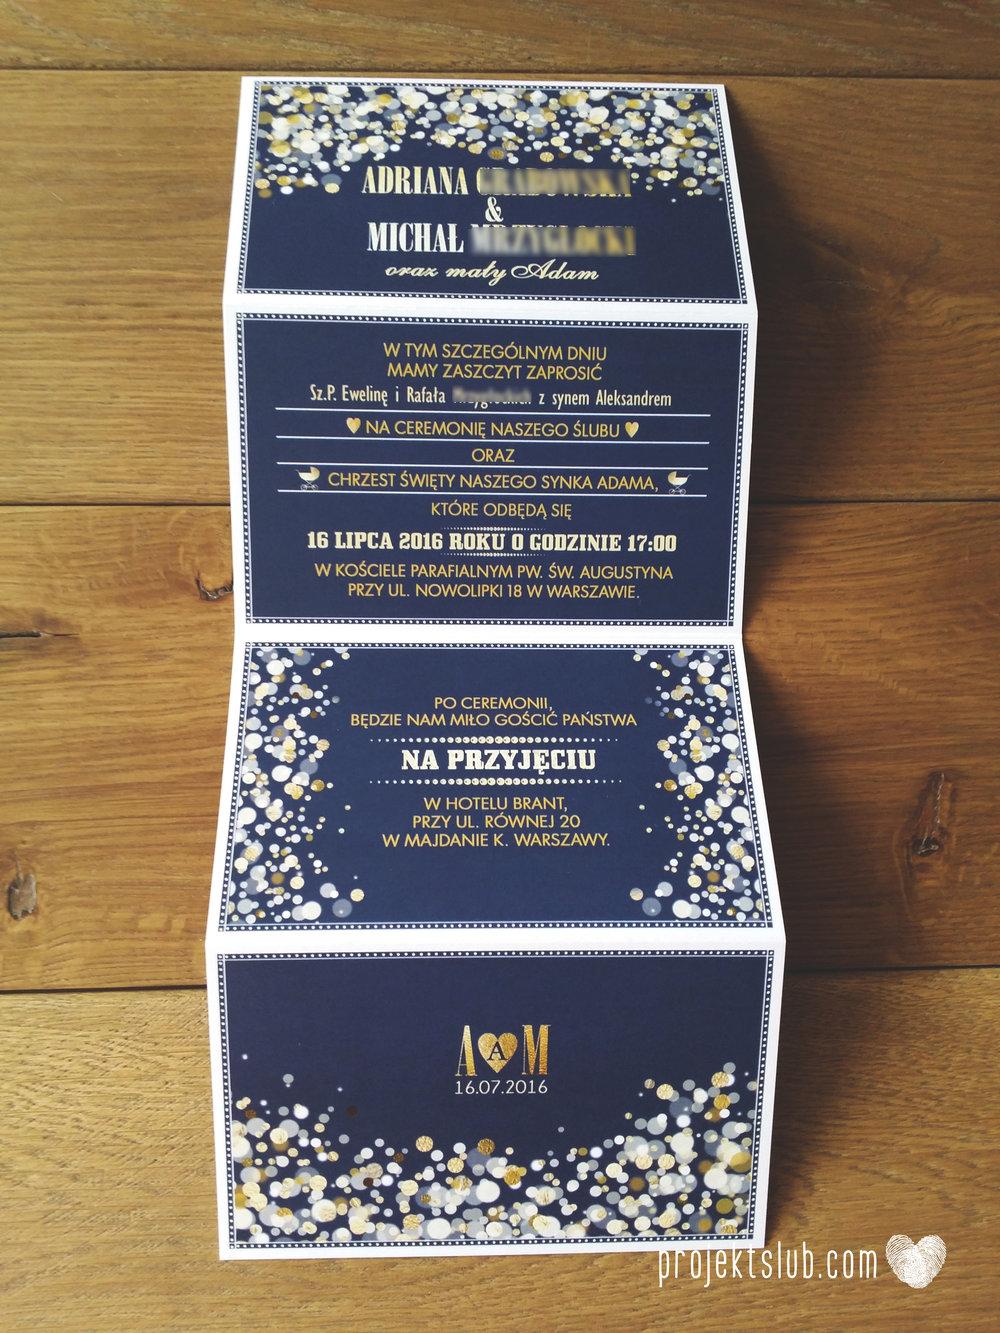 Zaproszenia na ślub i chrzciny projekt indywidualny granatowe elegancka papeteria harmonijka konfetti glamour Projekt Ślub (4).jpg